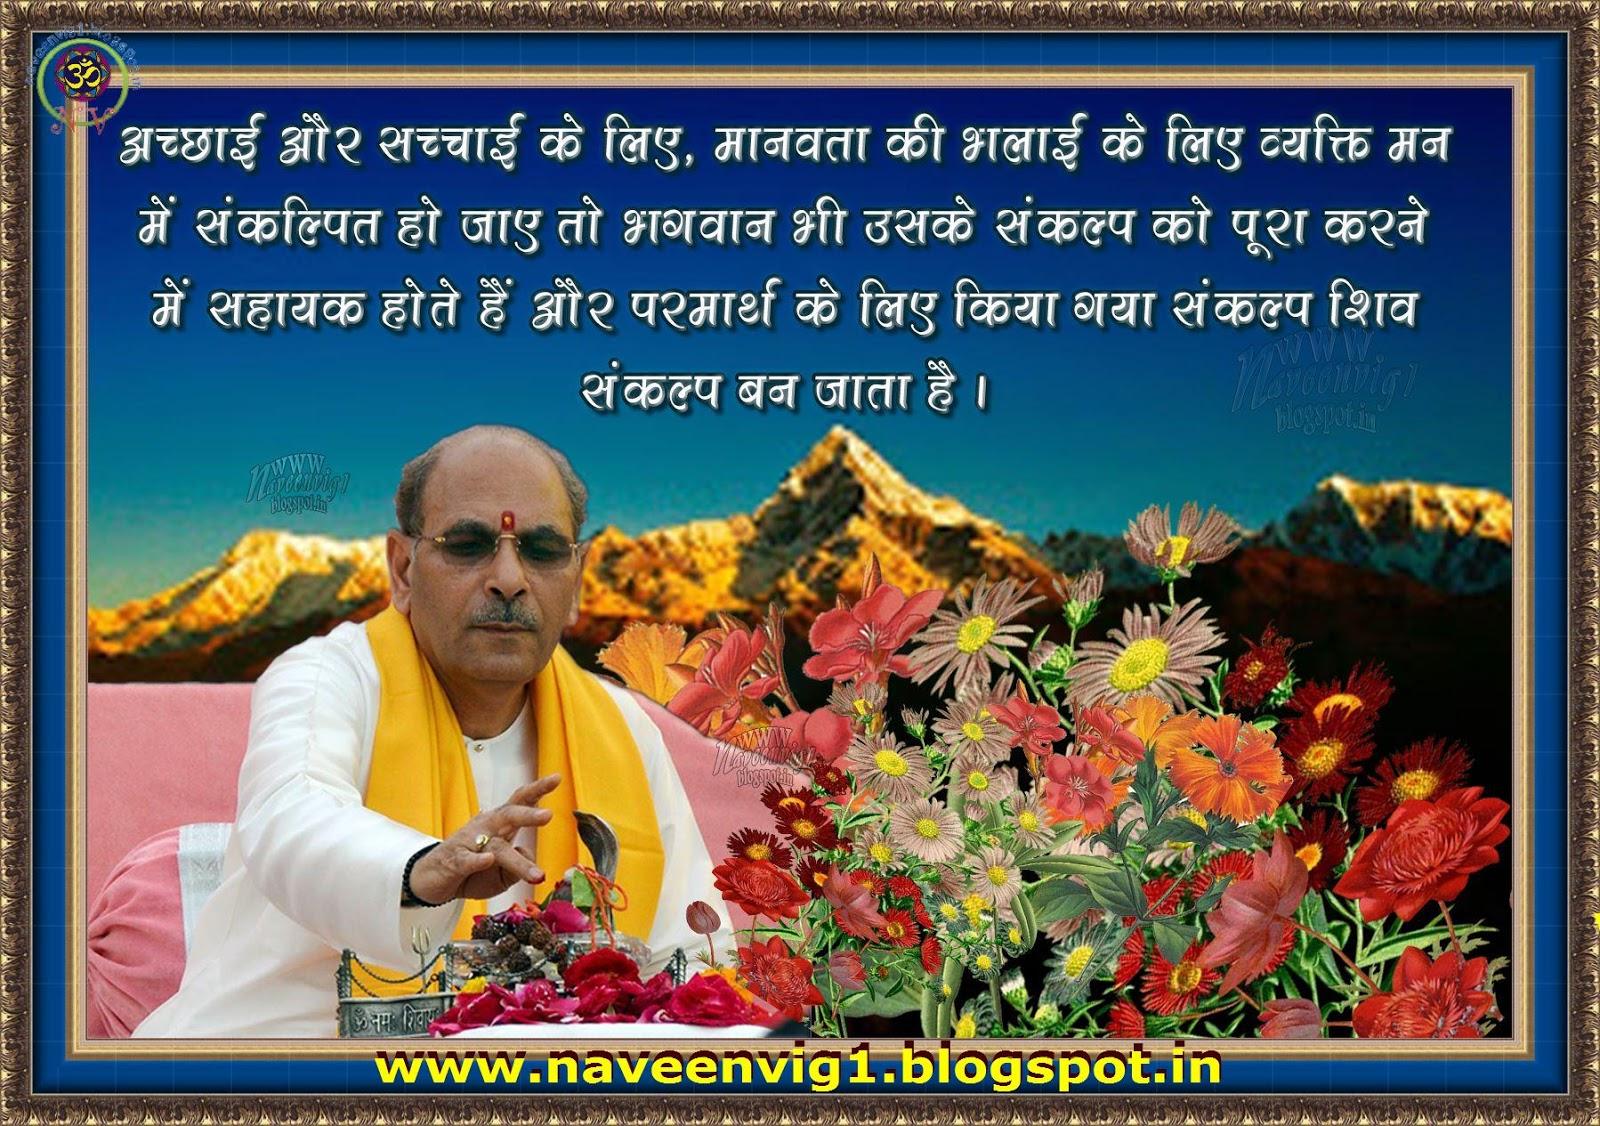 param pujya sudhanshu ji maharaj,dehradun: 5625 – param